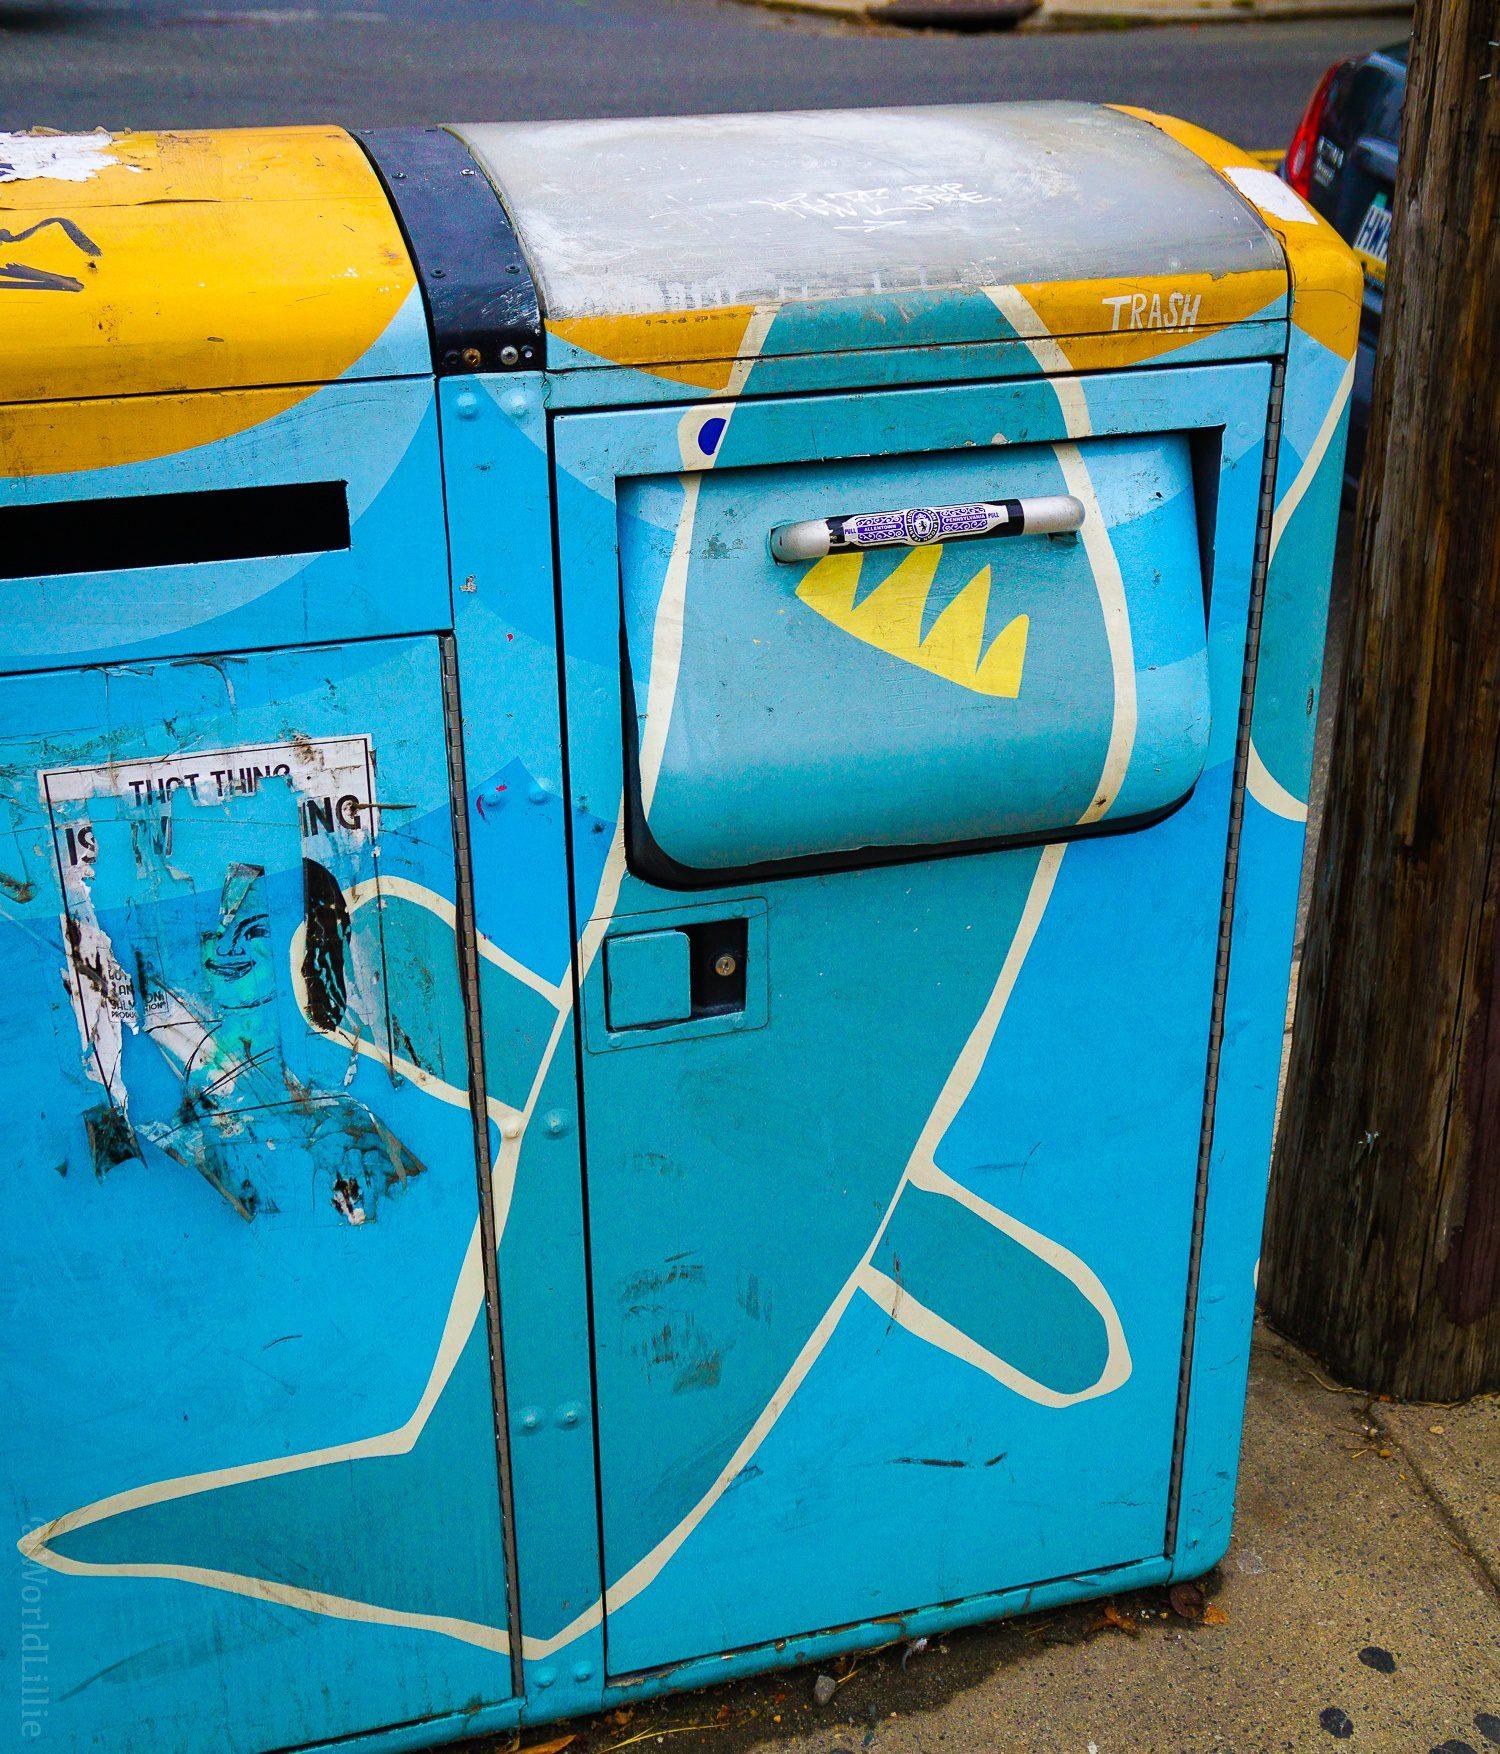 Shark trash bin!